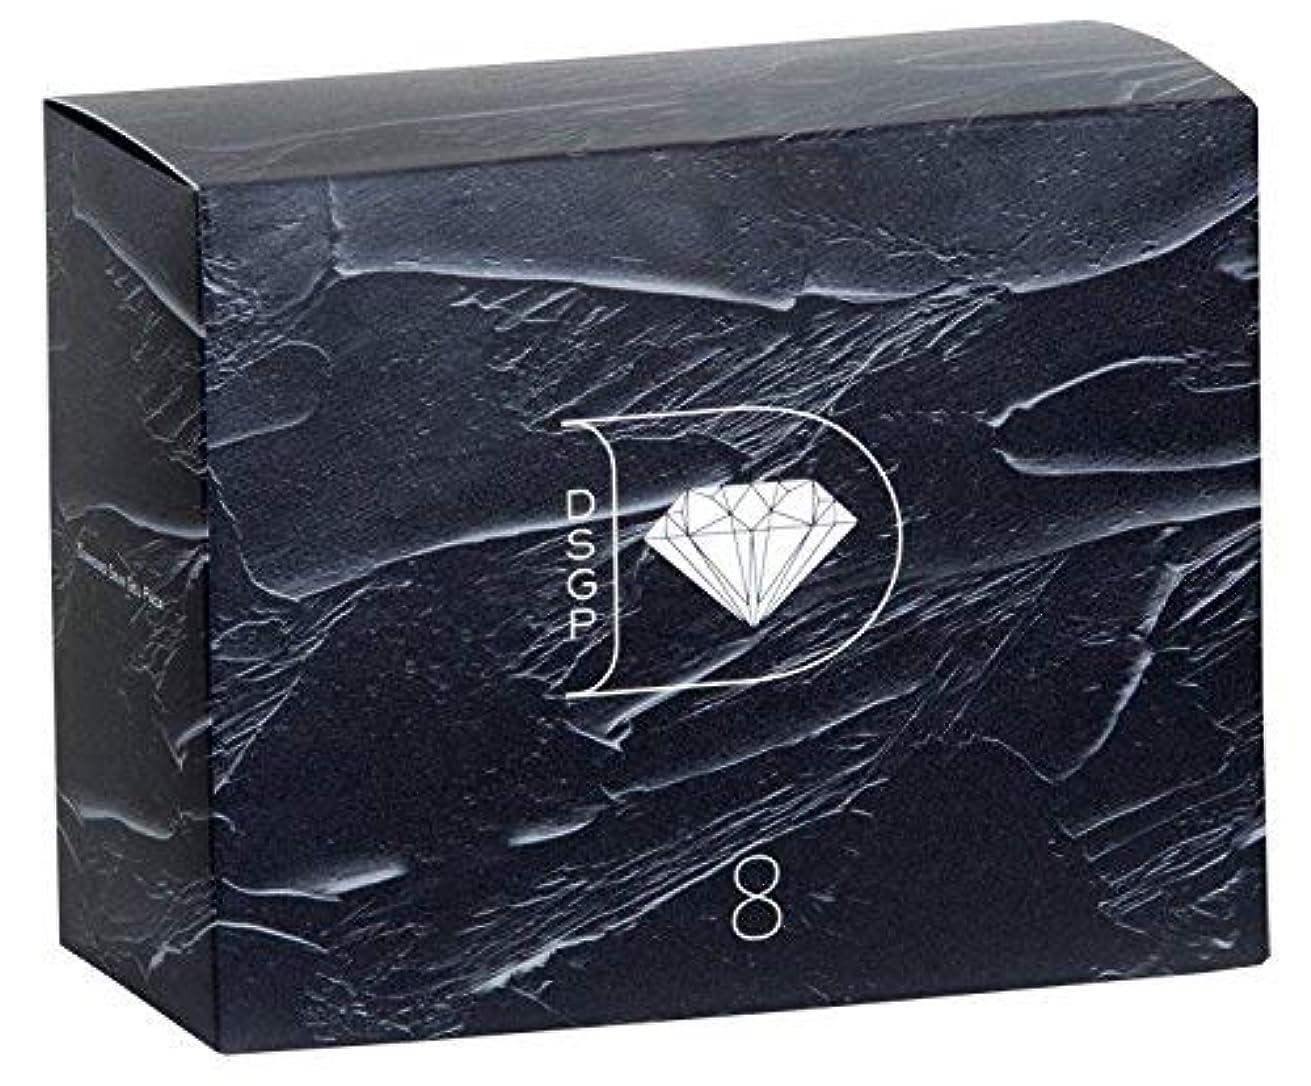 彼女つなぐ省ダイヤモンドスキンジェルパック×9箱 (1箱/8回分) 1回のパックで実感、もっちり肌。 琉球粘土×高濃度炭酸ガス フェイスパック